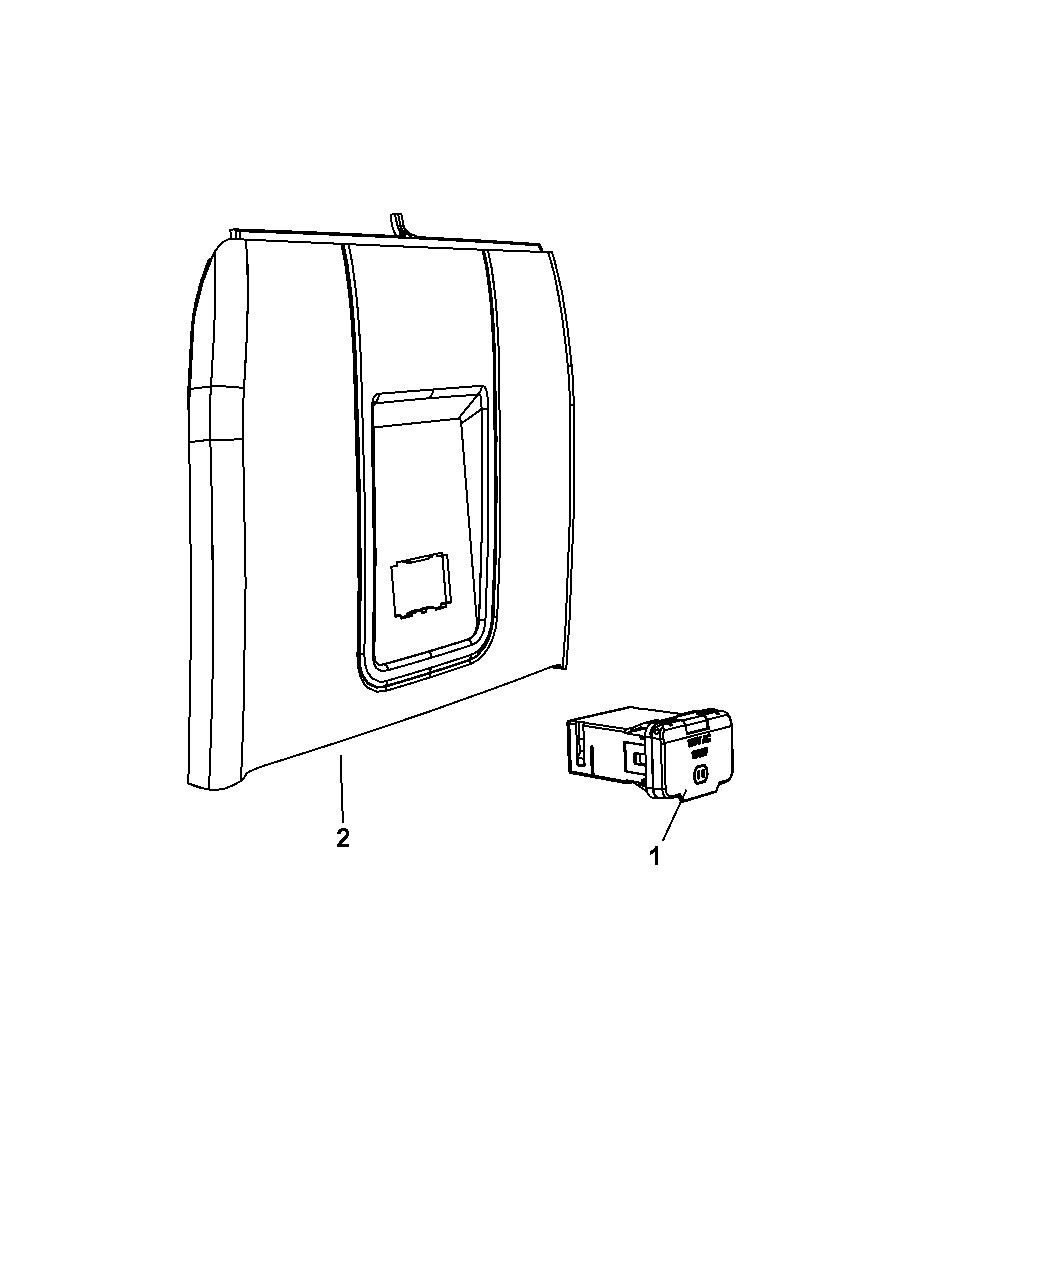 Gfci Wiring Diagram 115v: Genuine Dodge OUTLET-INVERTER